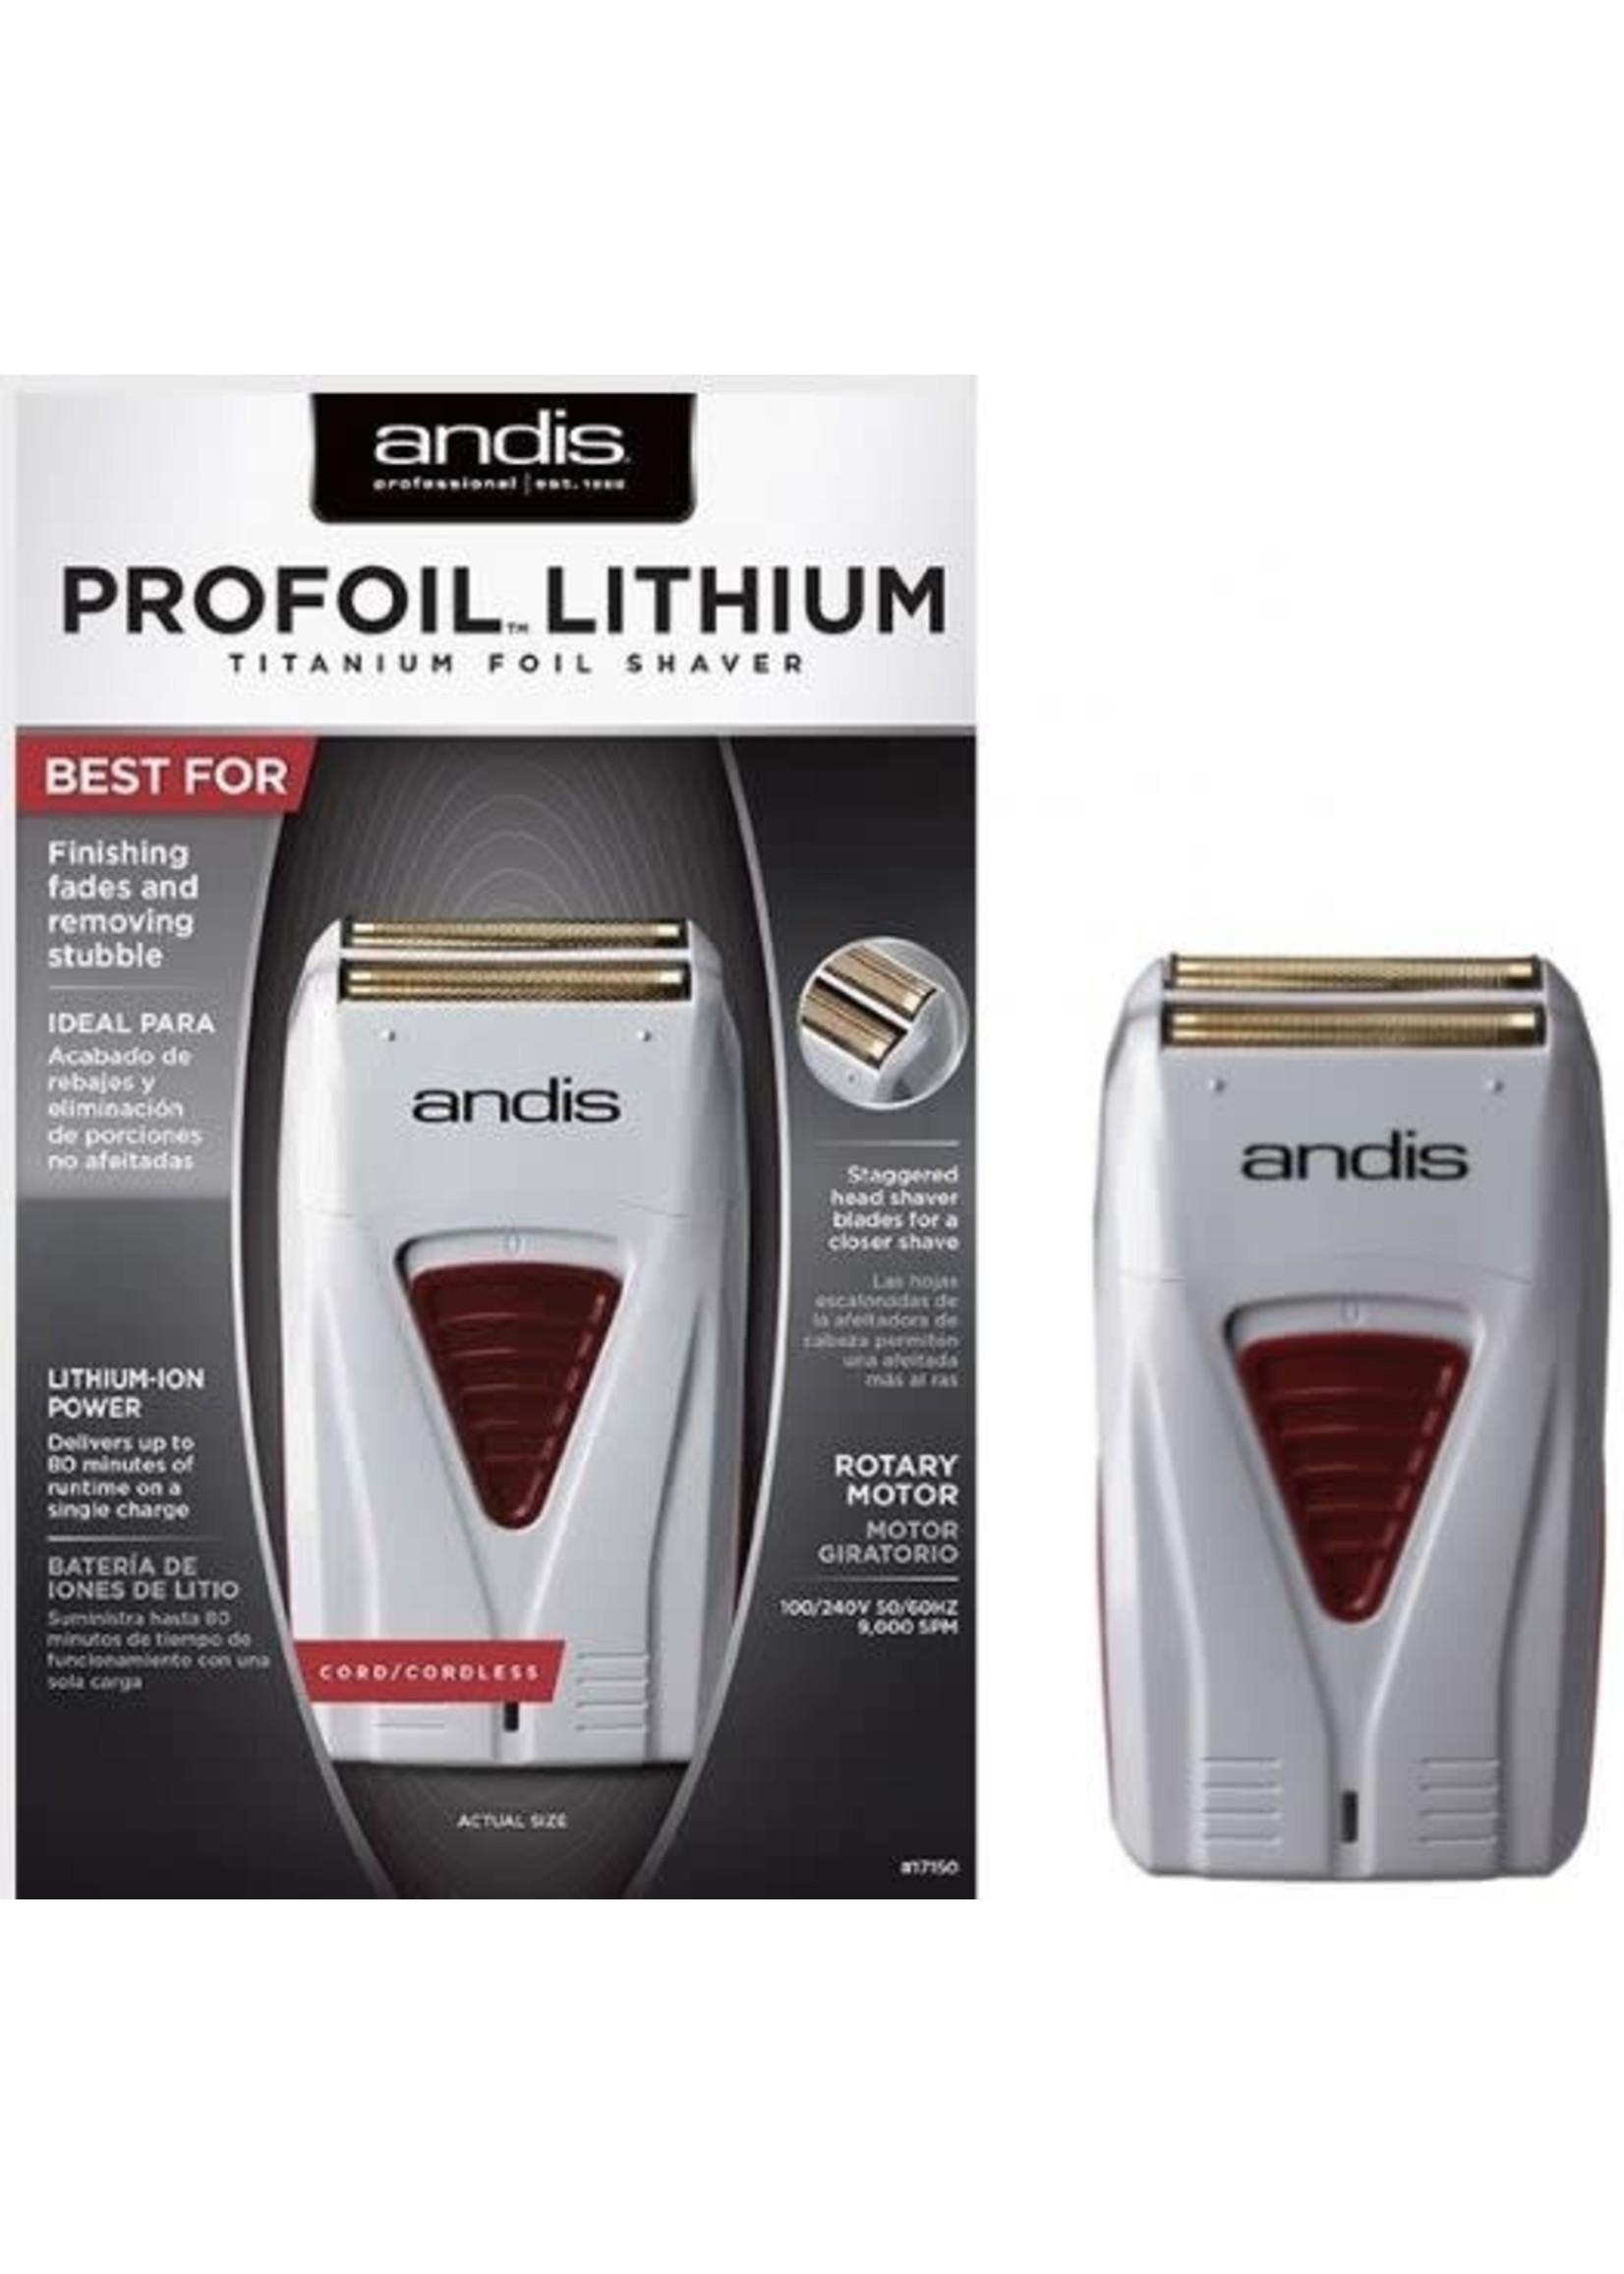 Andis Profoil Lithium